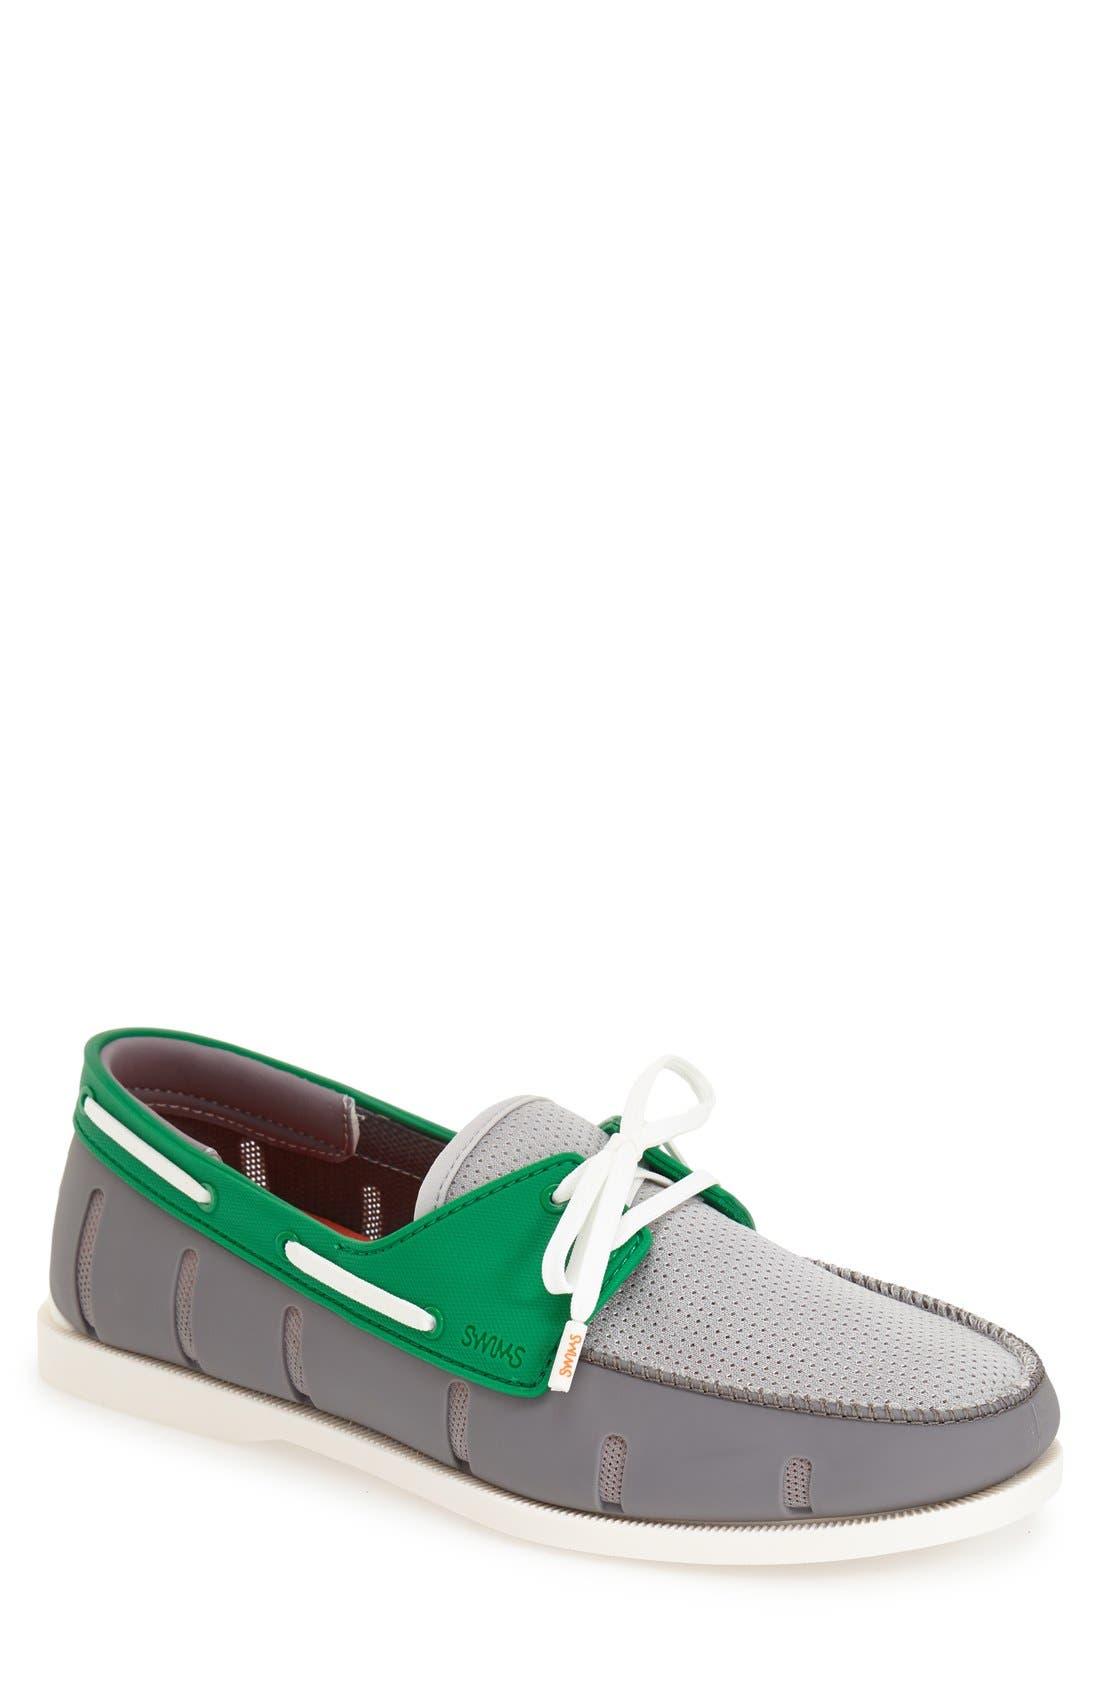 'Boat' Loafer,                         Main,                         color,